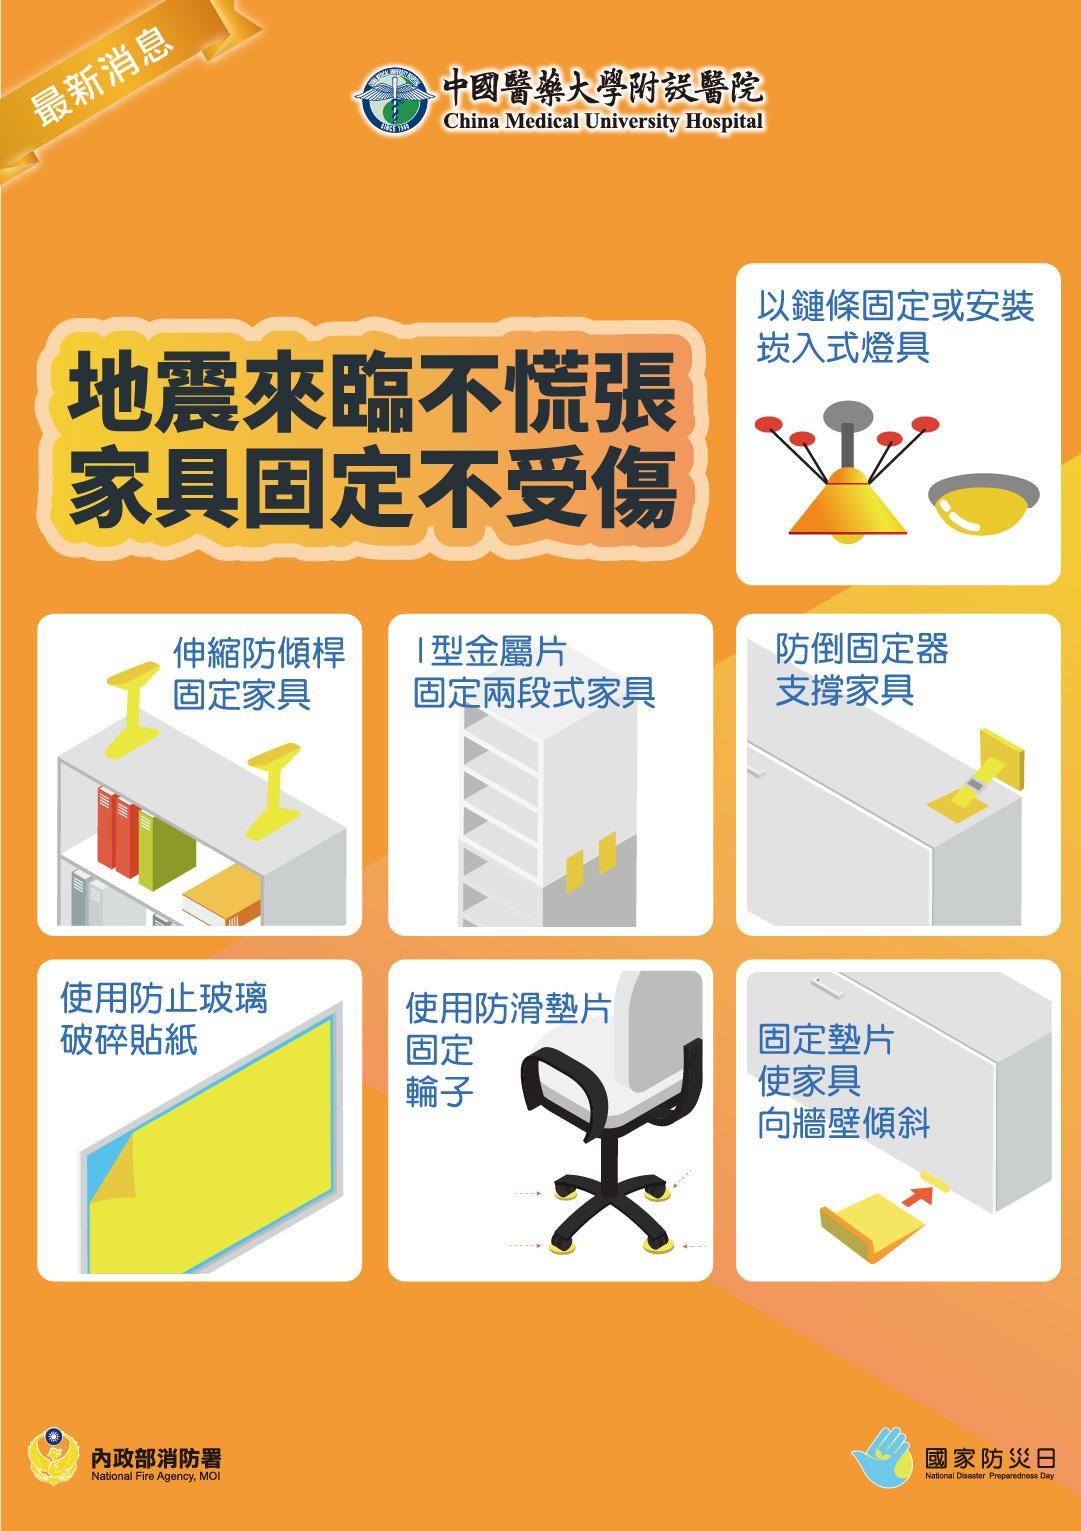 地震來臨不慌張 家具固定不受傷